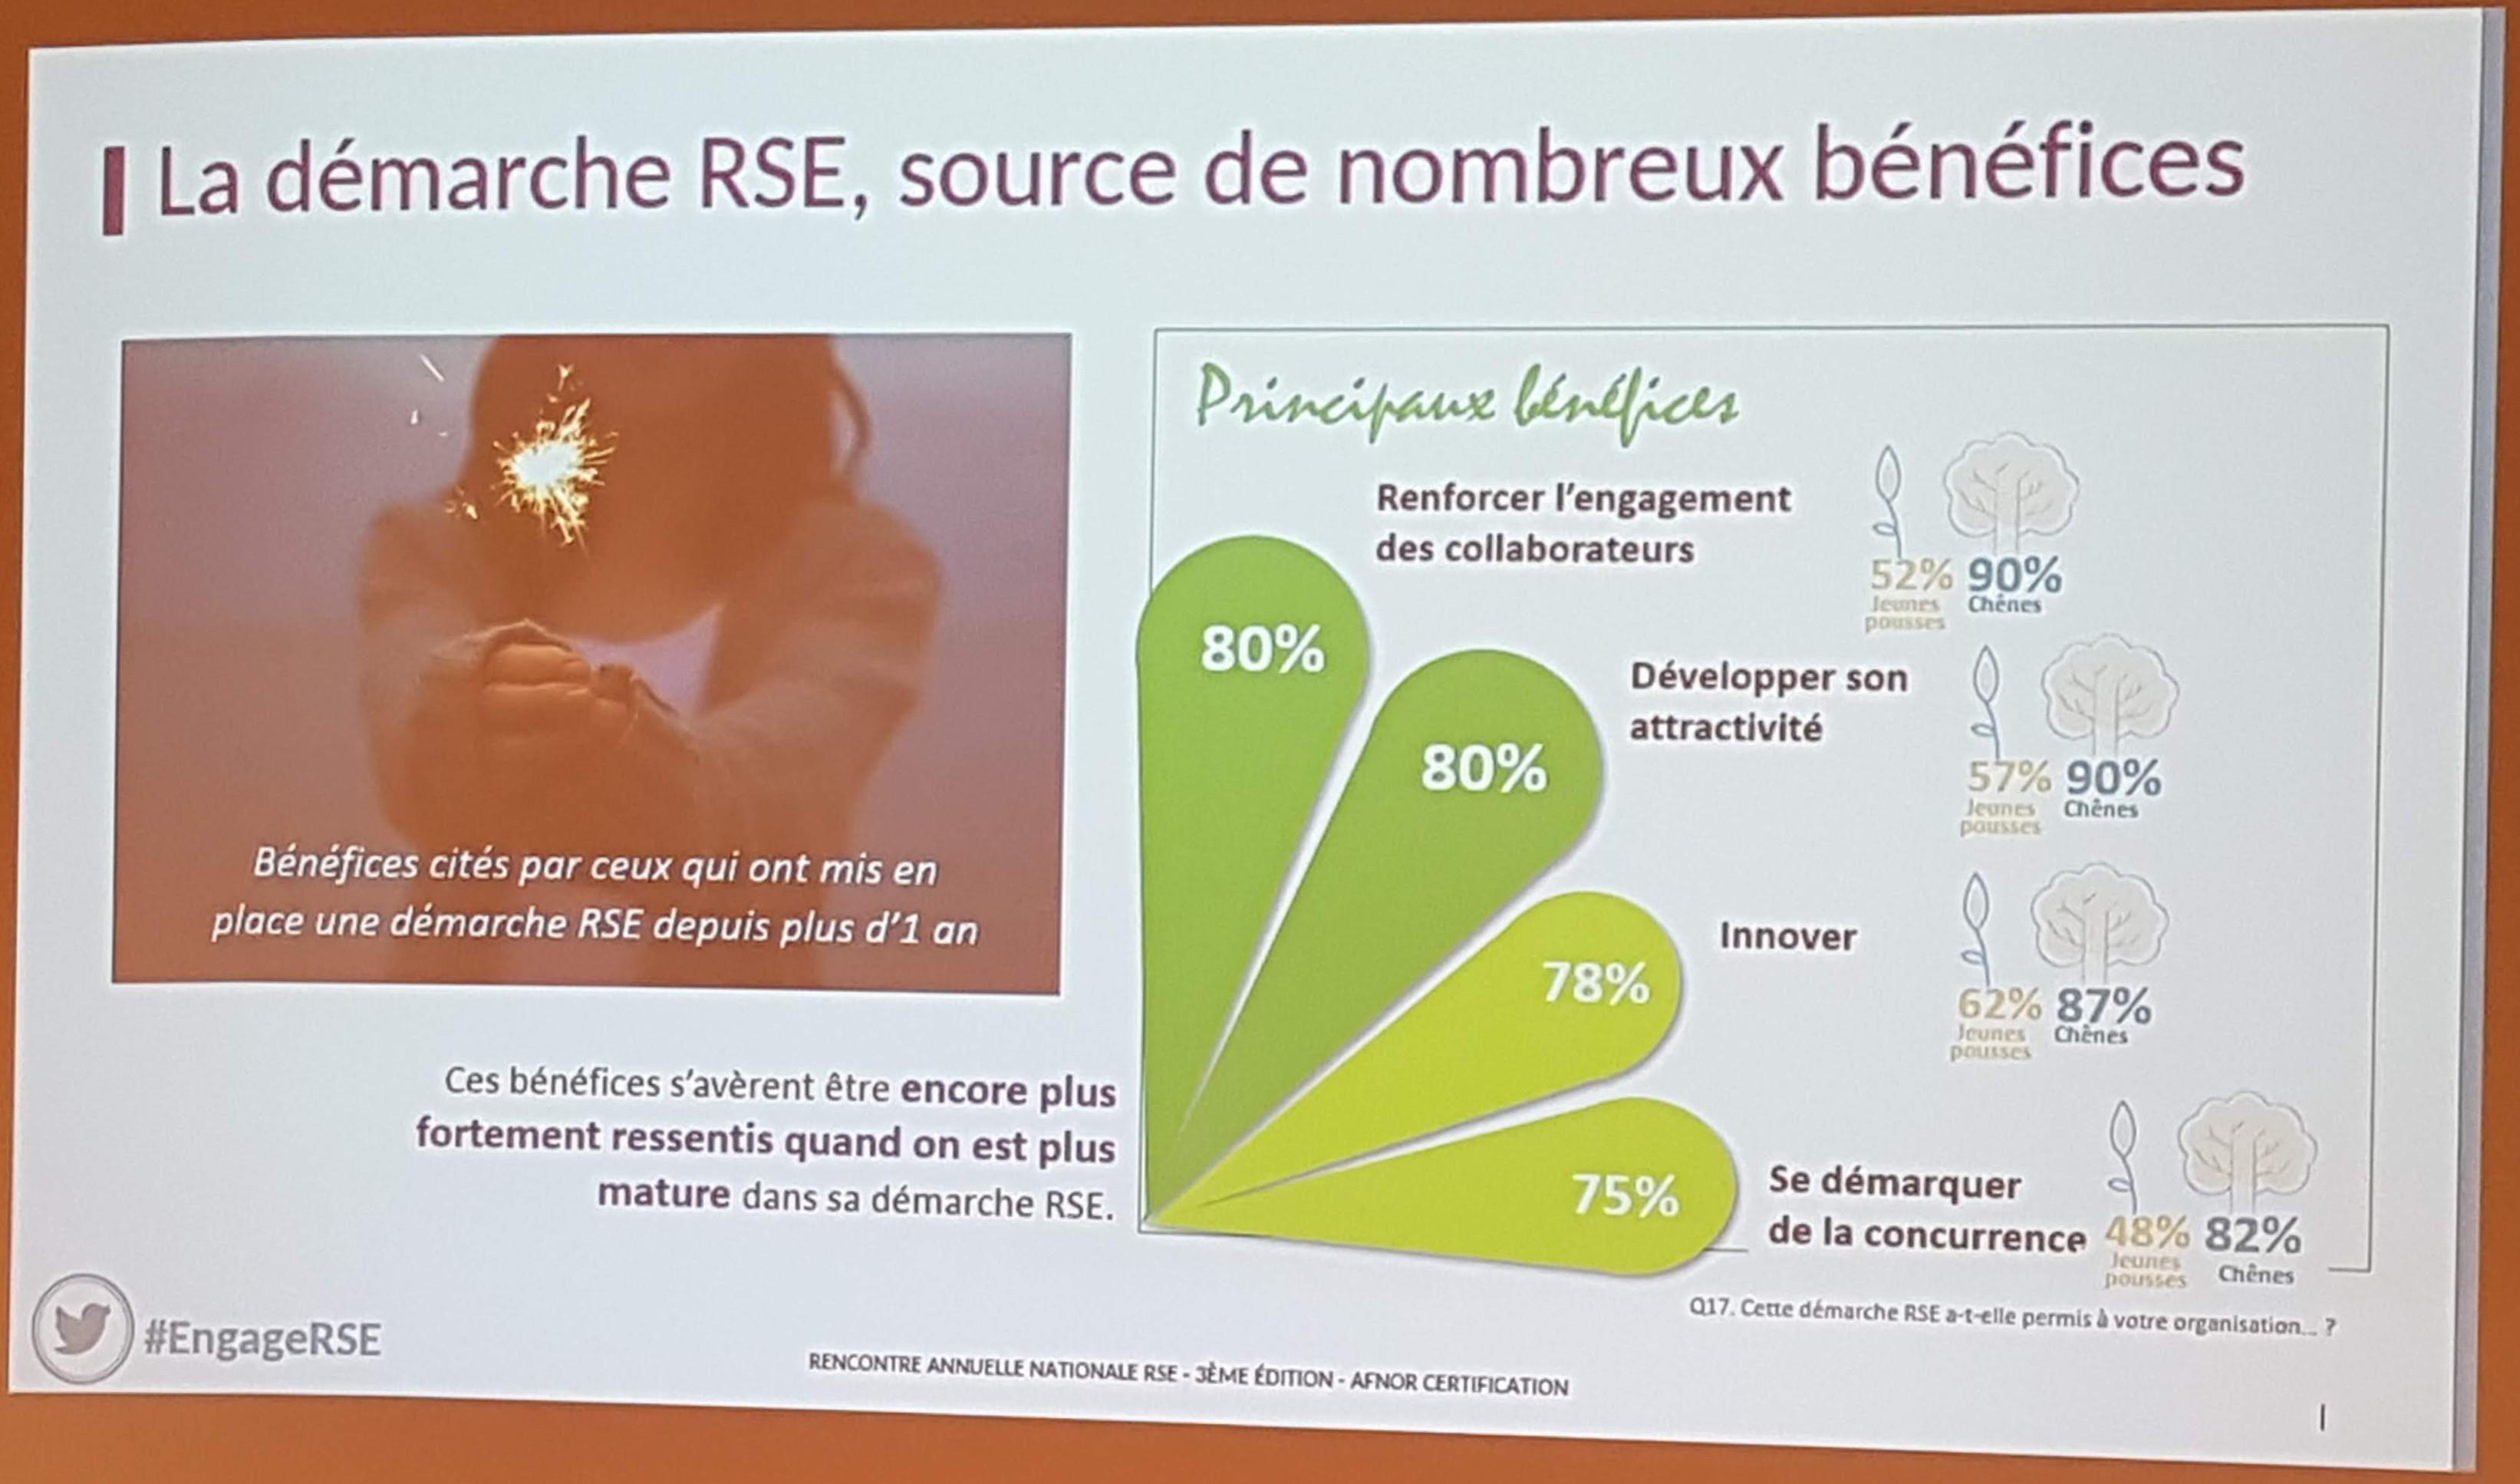 Démarche RSE, les bénéfices